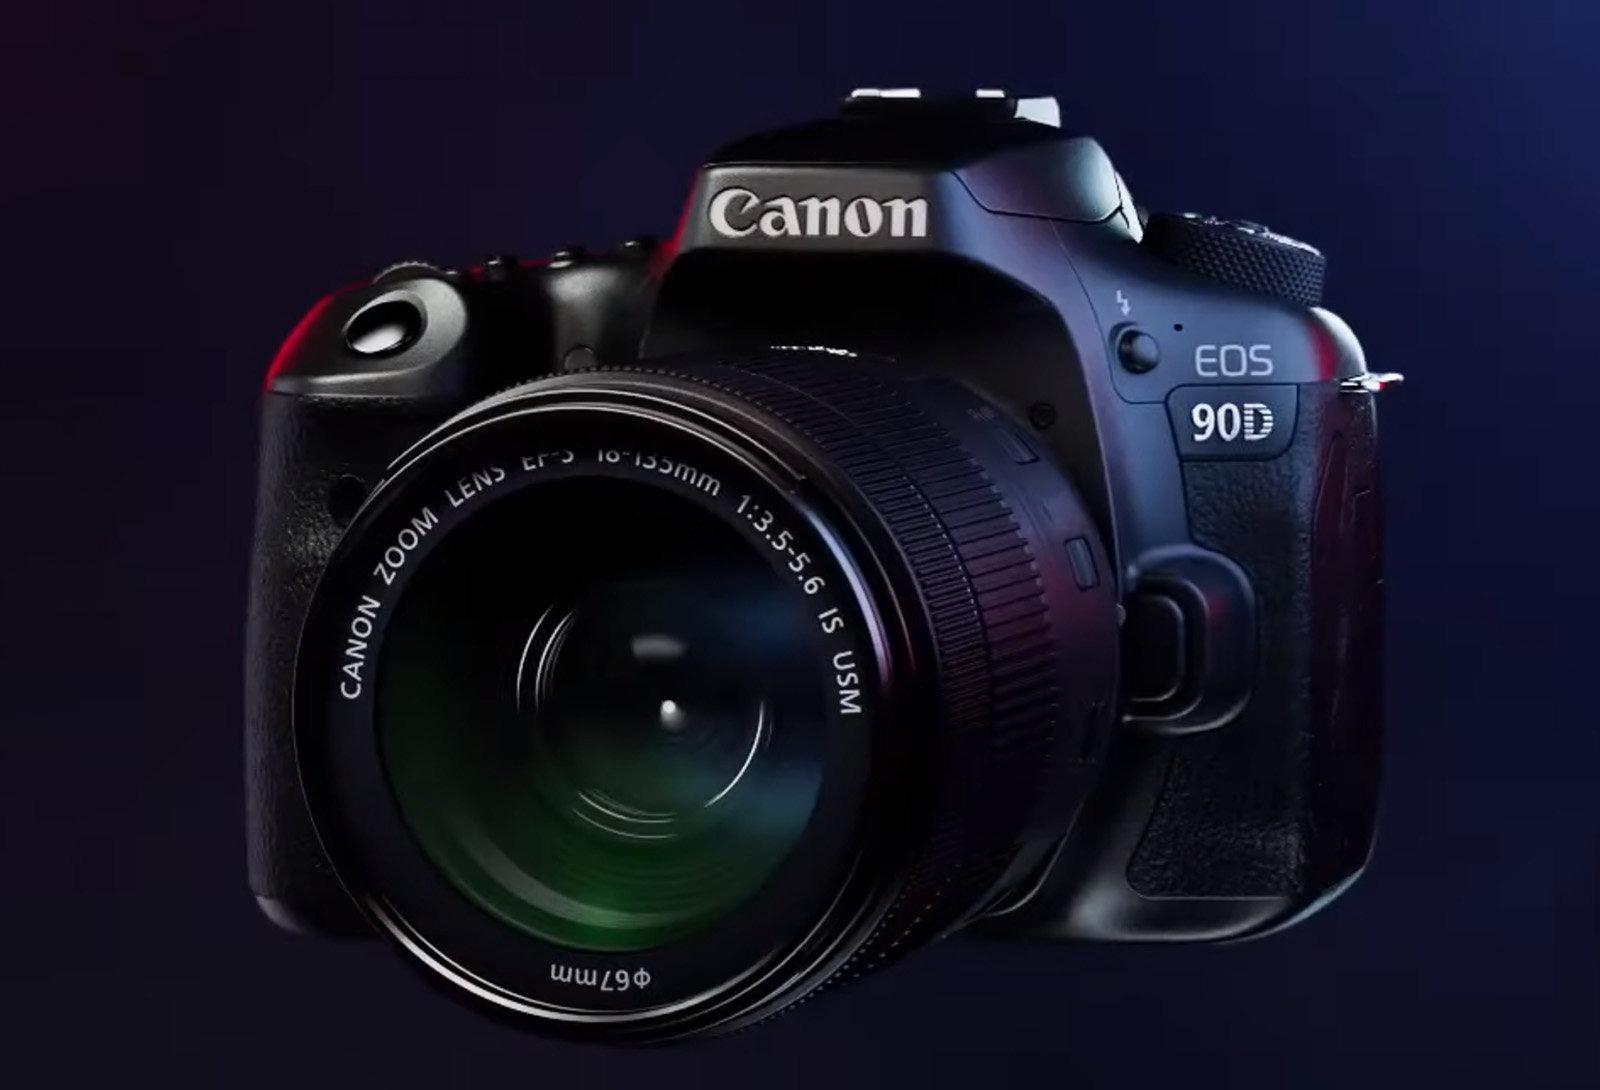 Rò rỉ bộ đôi máy ảnh DSLR EOS 90D và mirrorless EOS M6 Mark II sắp ra mắt của Canon